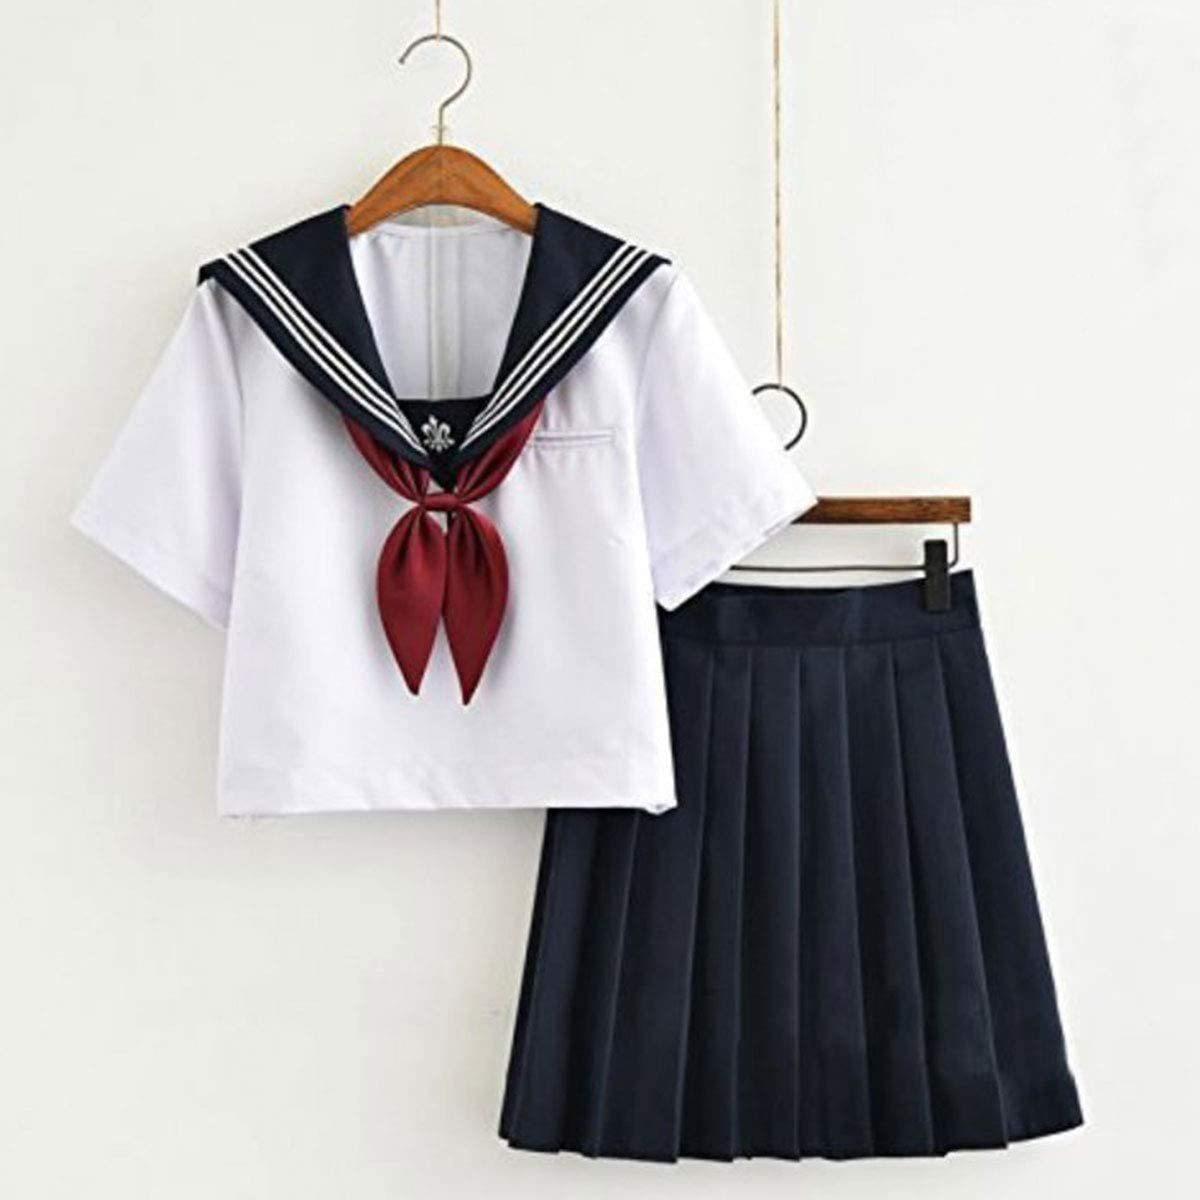 セーラー服 半袖 白+ネイビー コスプレ 本格制服 4点セット(M.白+ネイビー)_画像1